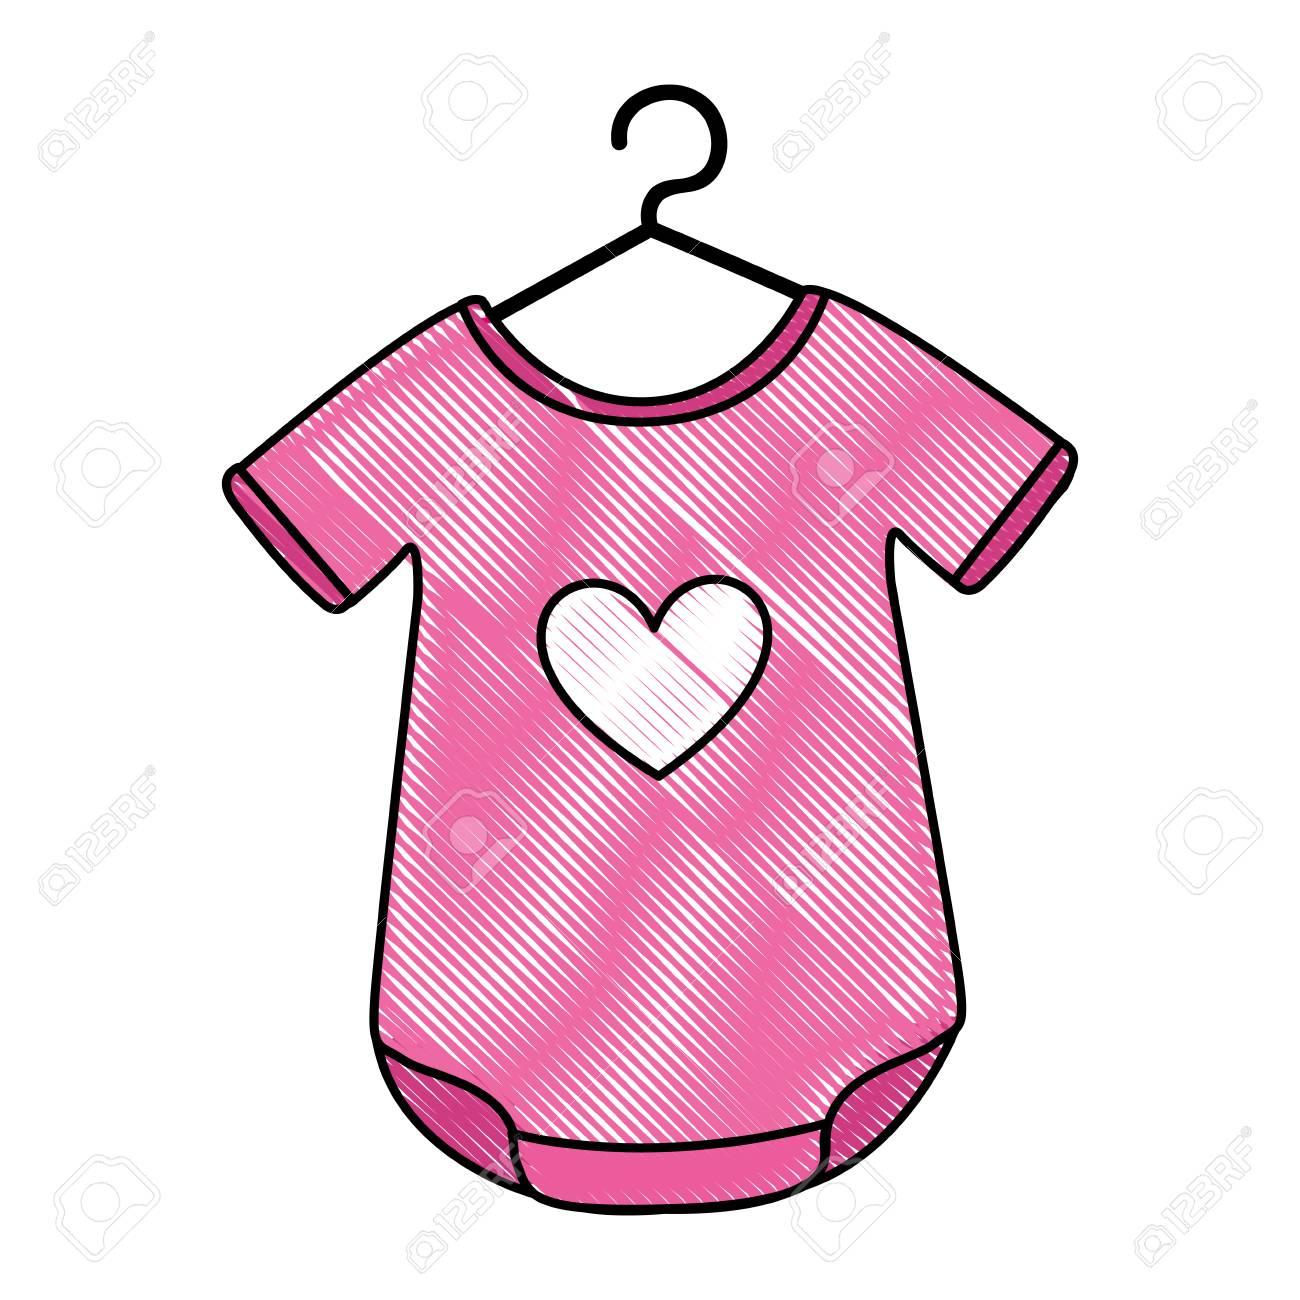 心臓ベクトル イラスト デザインの赤ちゃん服のイラスト素材ベクタ